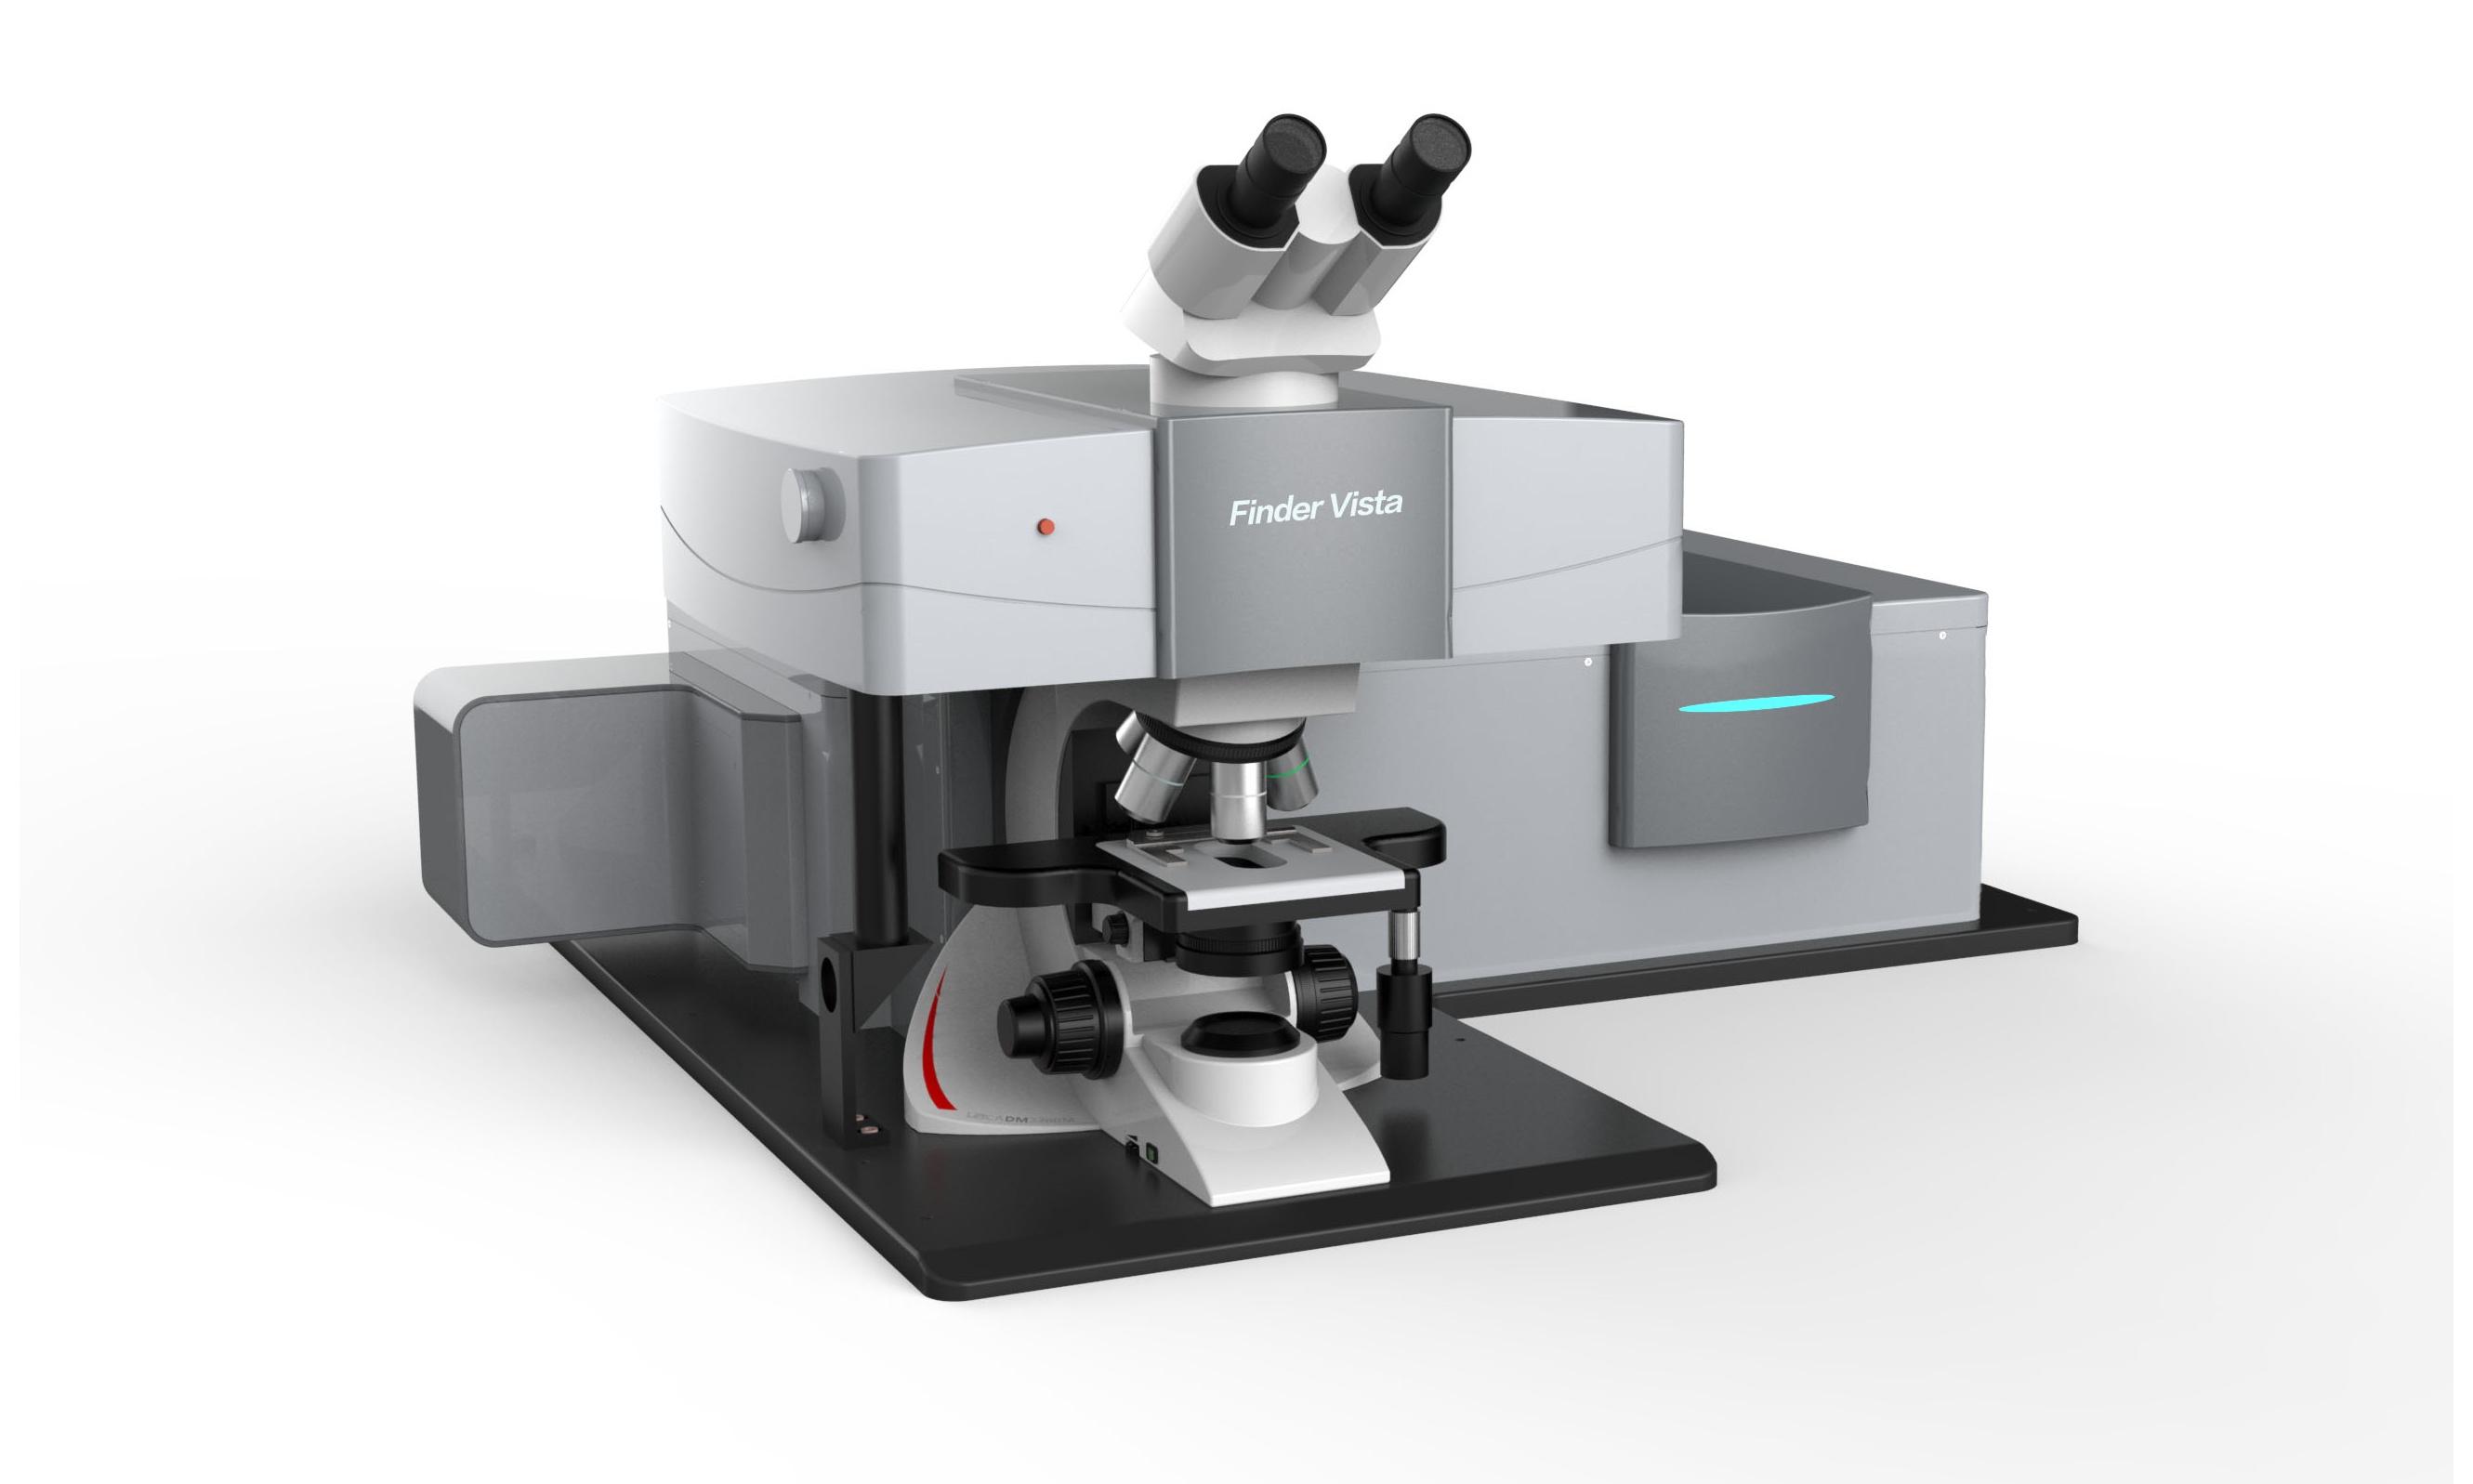 武汉大学显微共聚焦拉曼光谱仪招标公告